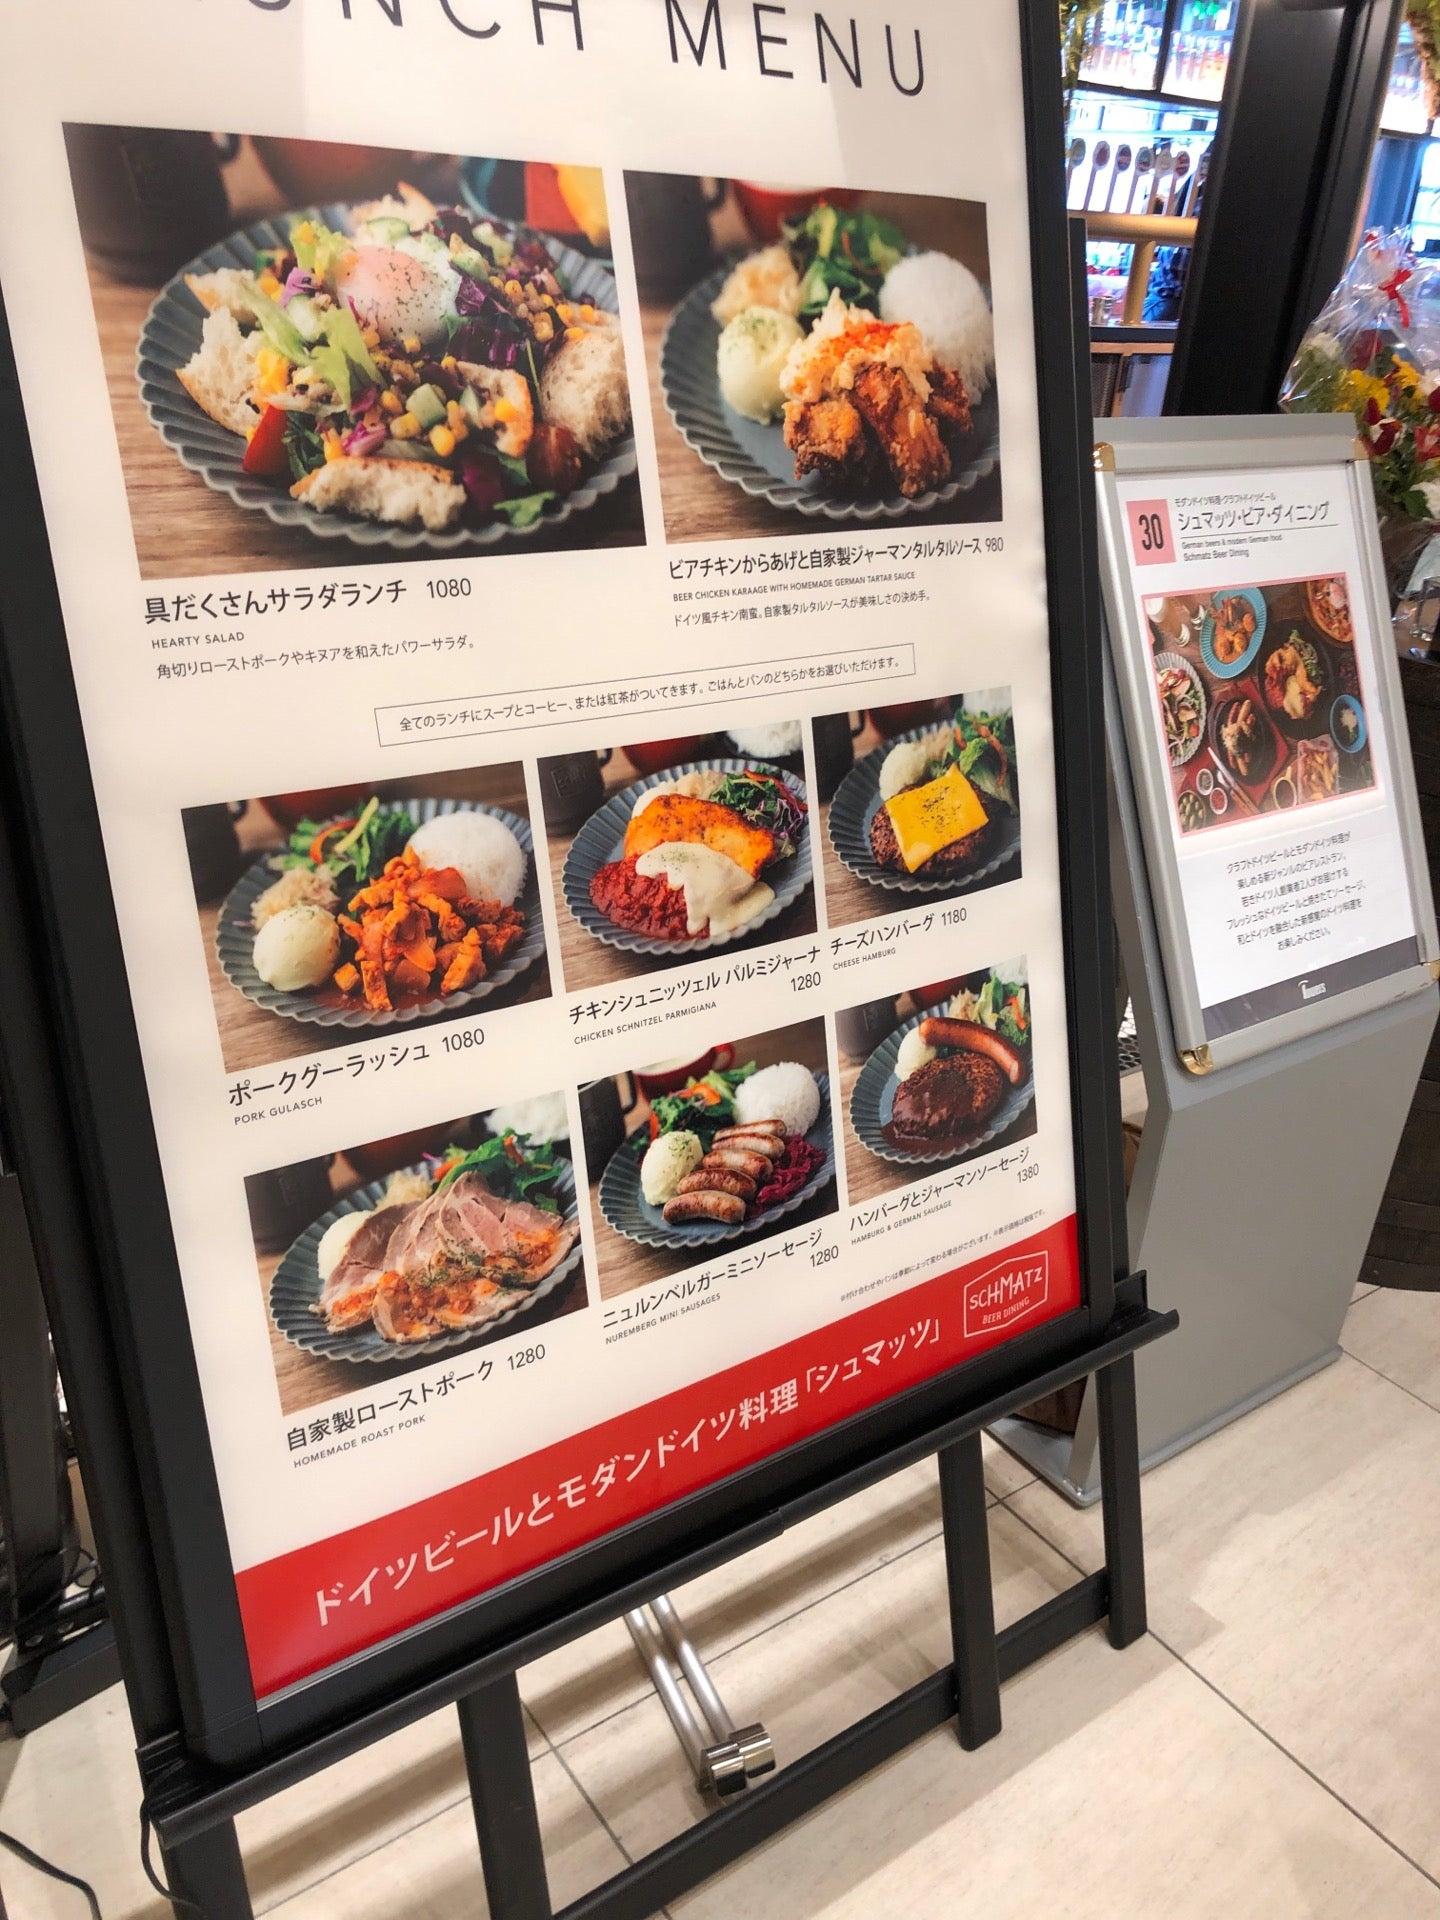 ランチメニュー (@ SCHMATZ BEER DINING シュマッツ・ビア・ダイニング in 中村区名駅1-1-4, 愛知県) https://t.co/UxqUmnkiOY https://t.co/I40Gb8i9Vw